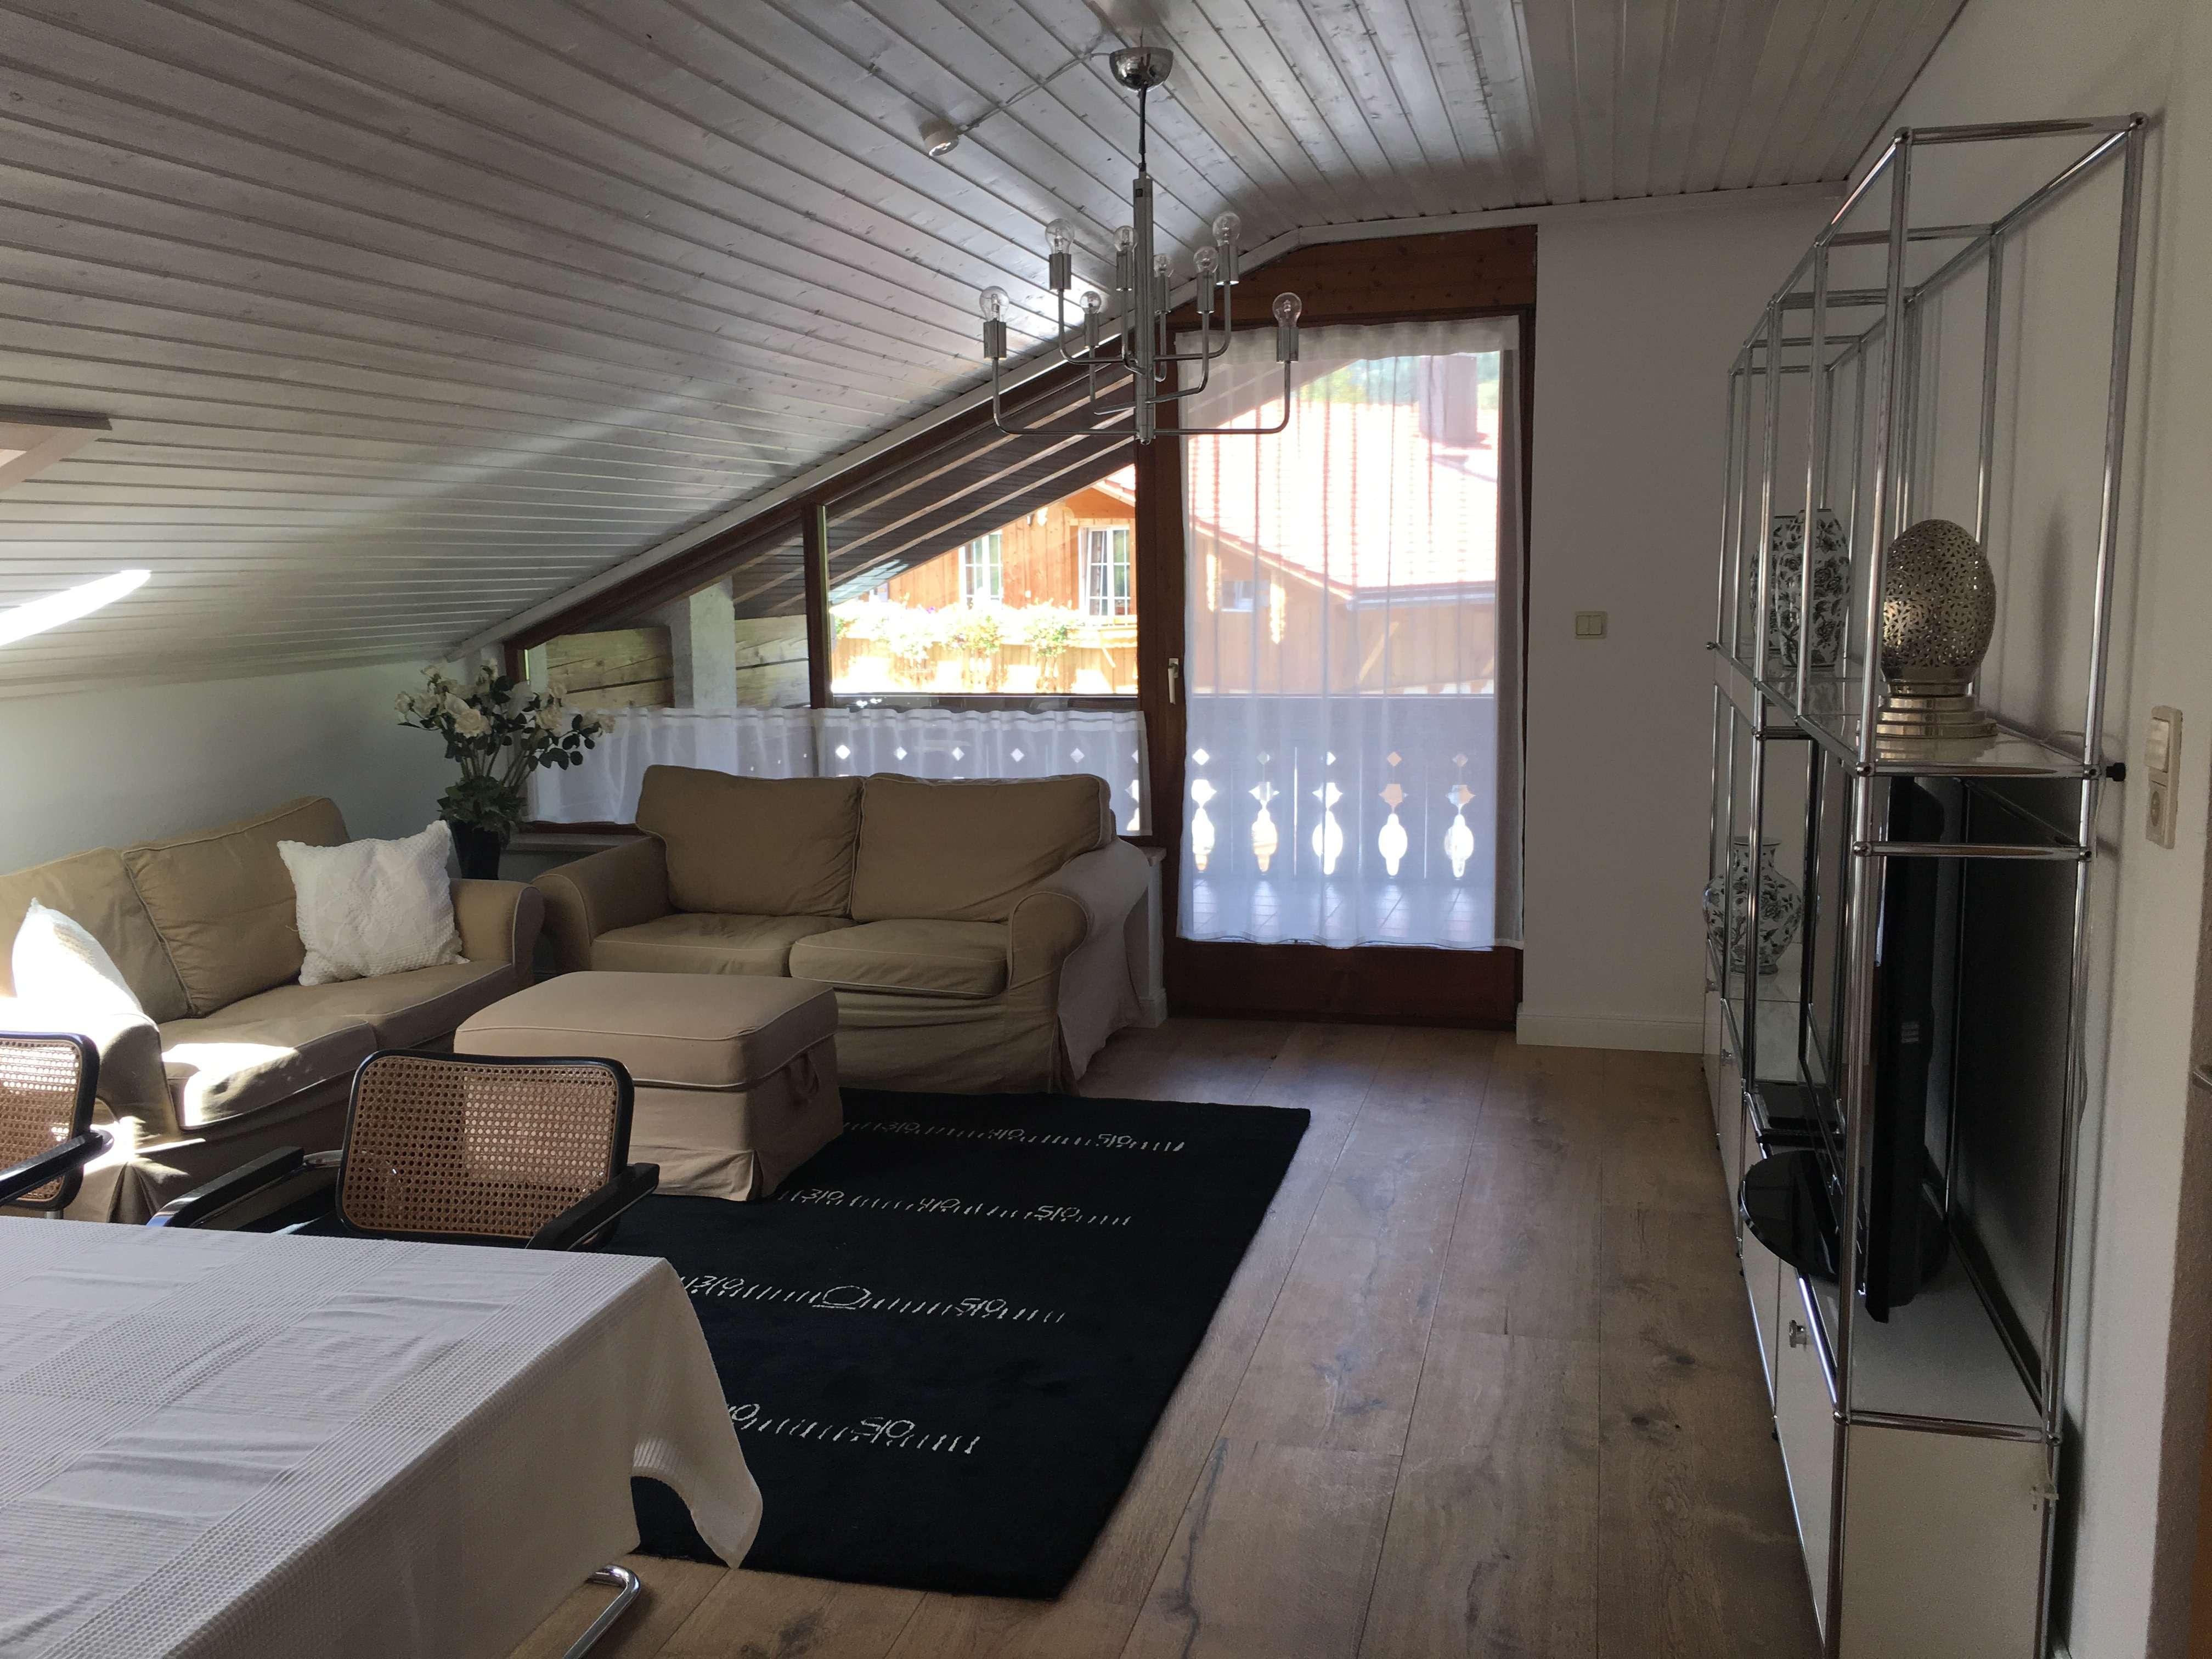 Großzügige voll möblierte 4-Zimmer-Wohnung in Bad Hindelang